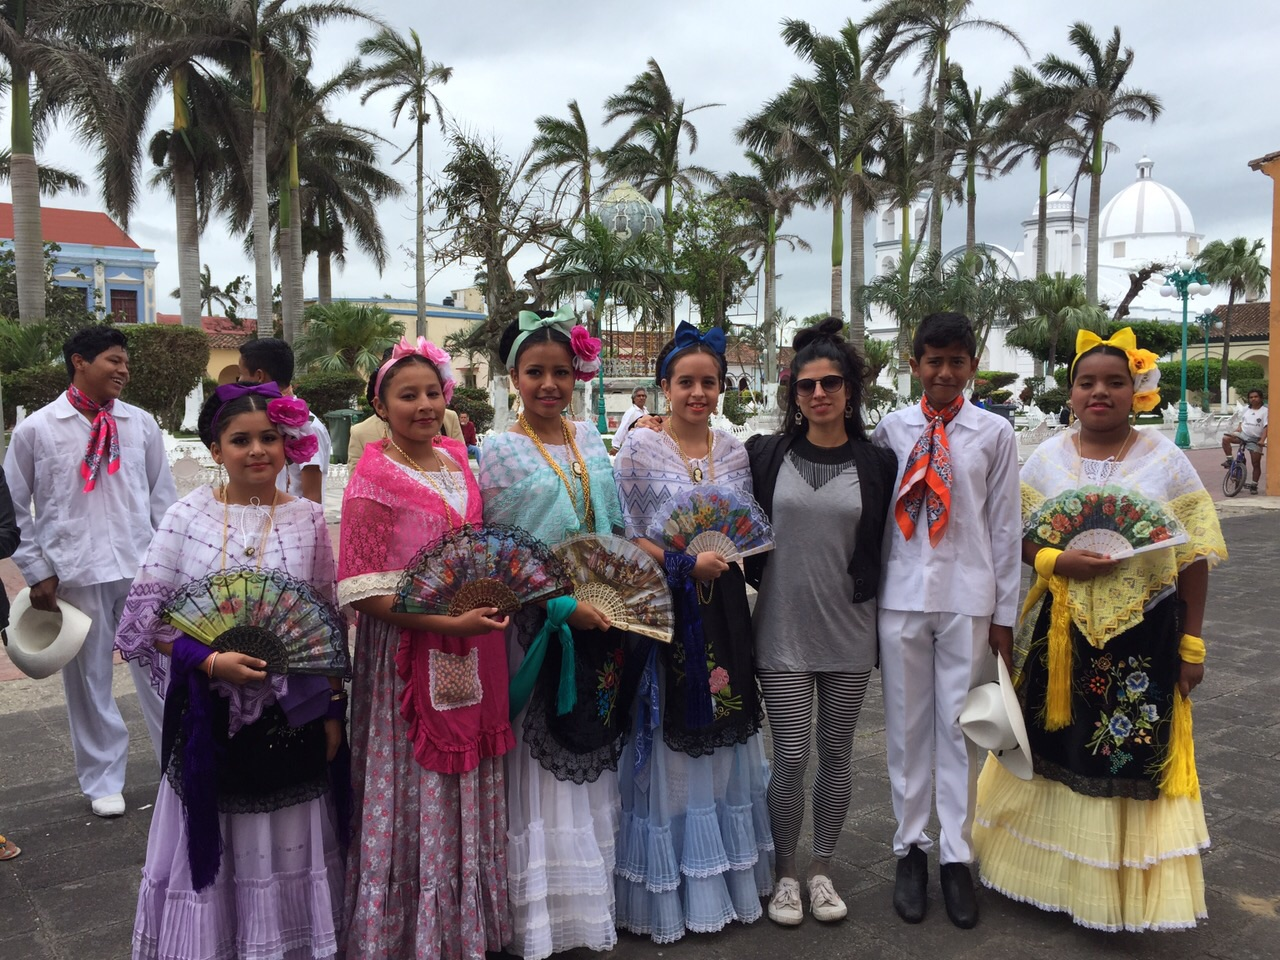 Katiushka y los niños vestidos de Jarochos. Tlacotalpan, Marzo 2015.